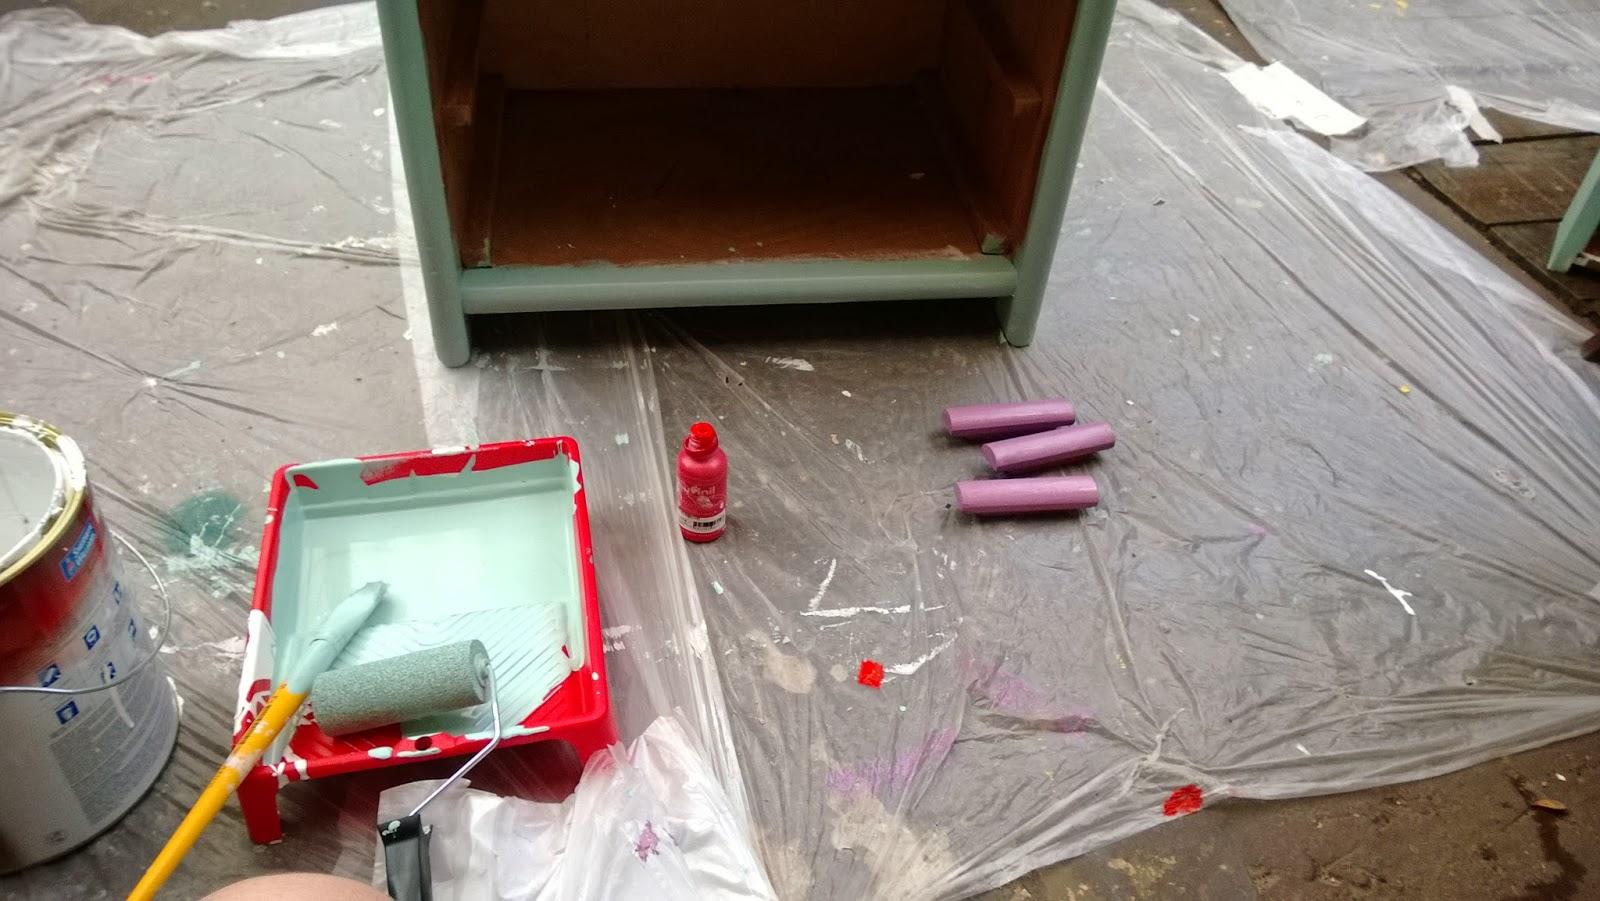 lixe novamente o móvel para tirar imperfeições - oficina Mão na Massa - blog Casa de Colorir